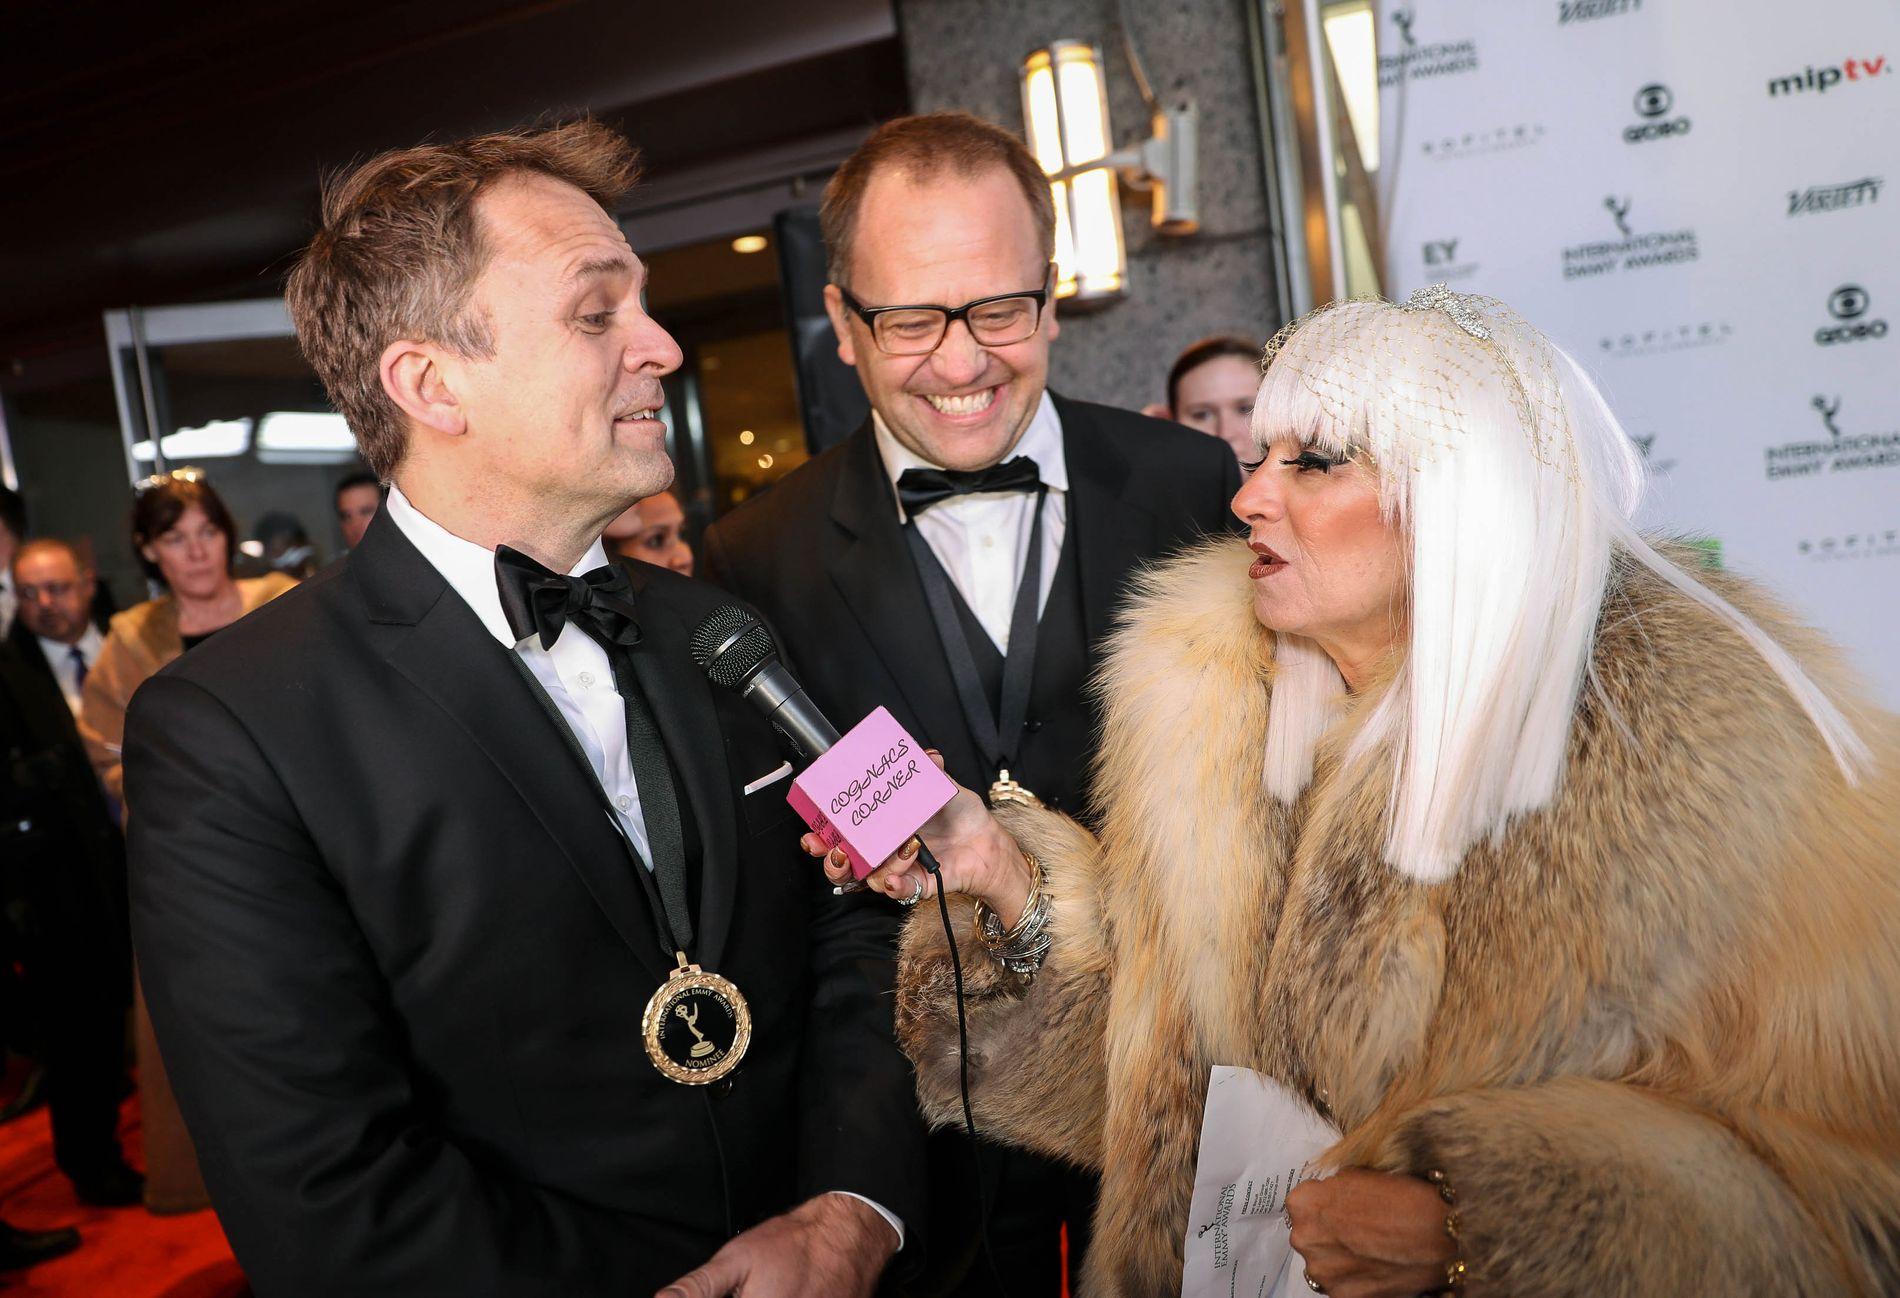 NATTENS VINNERE: Brødrene Gjermund og Vegard Stenberg Eriksen vant i natt Emmy for beste dramaserie for «Mammon 2». Her blir de seiersintervjuet av tv-personligheten Cognag Wellerlane fra Cognac's Corner.